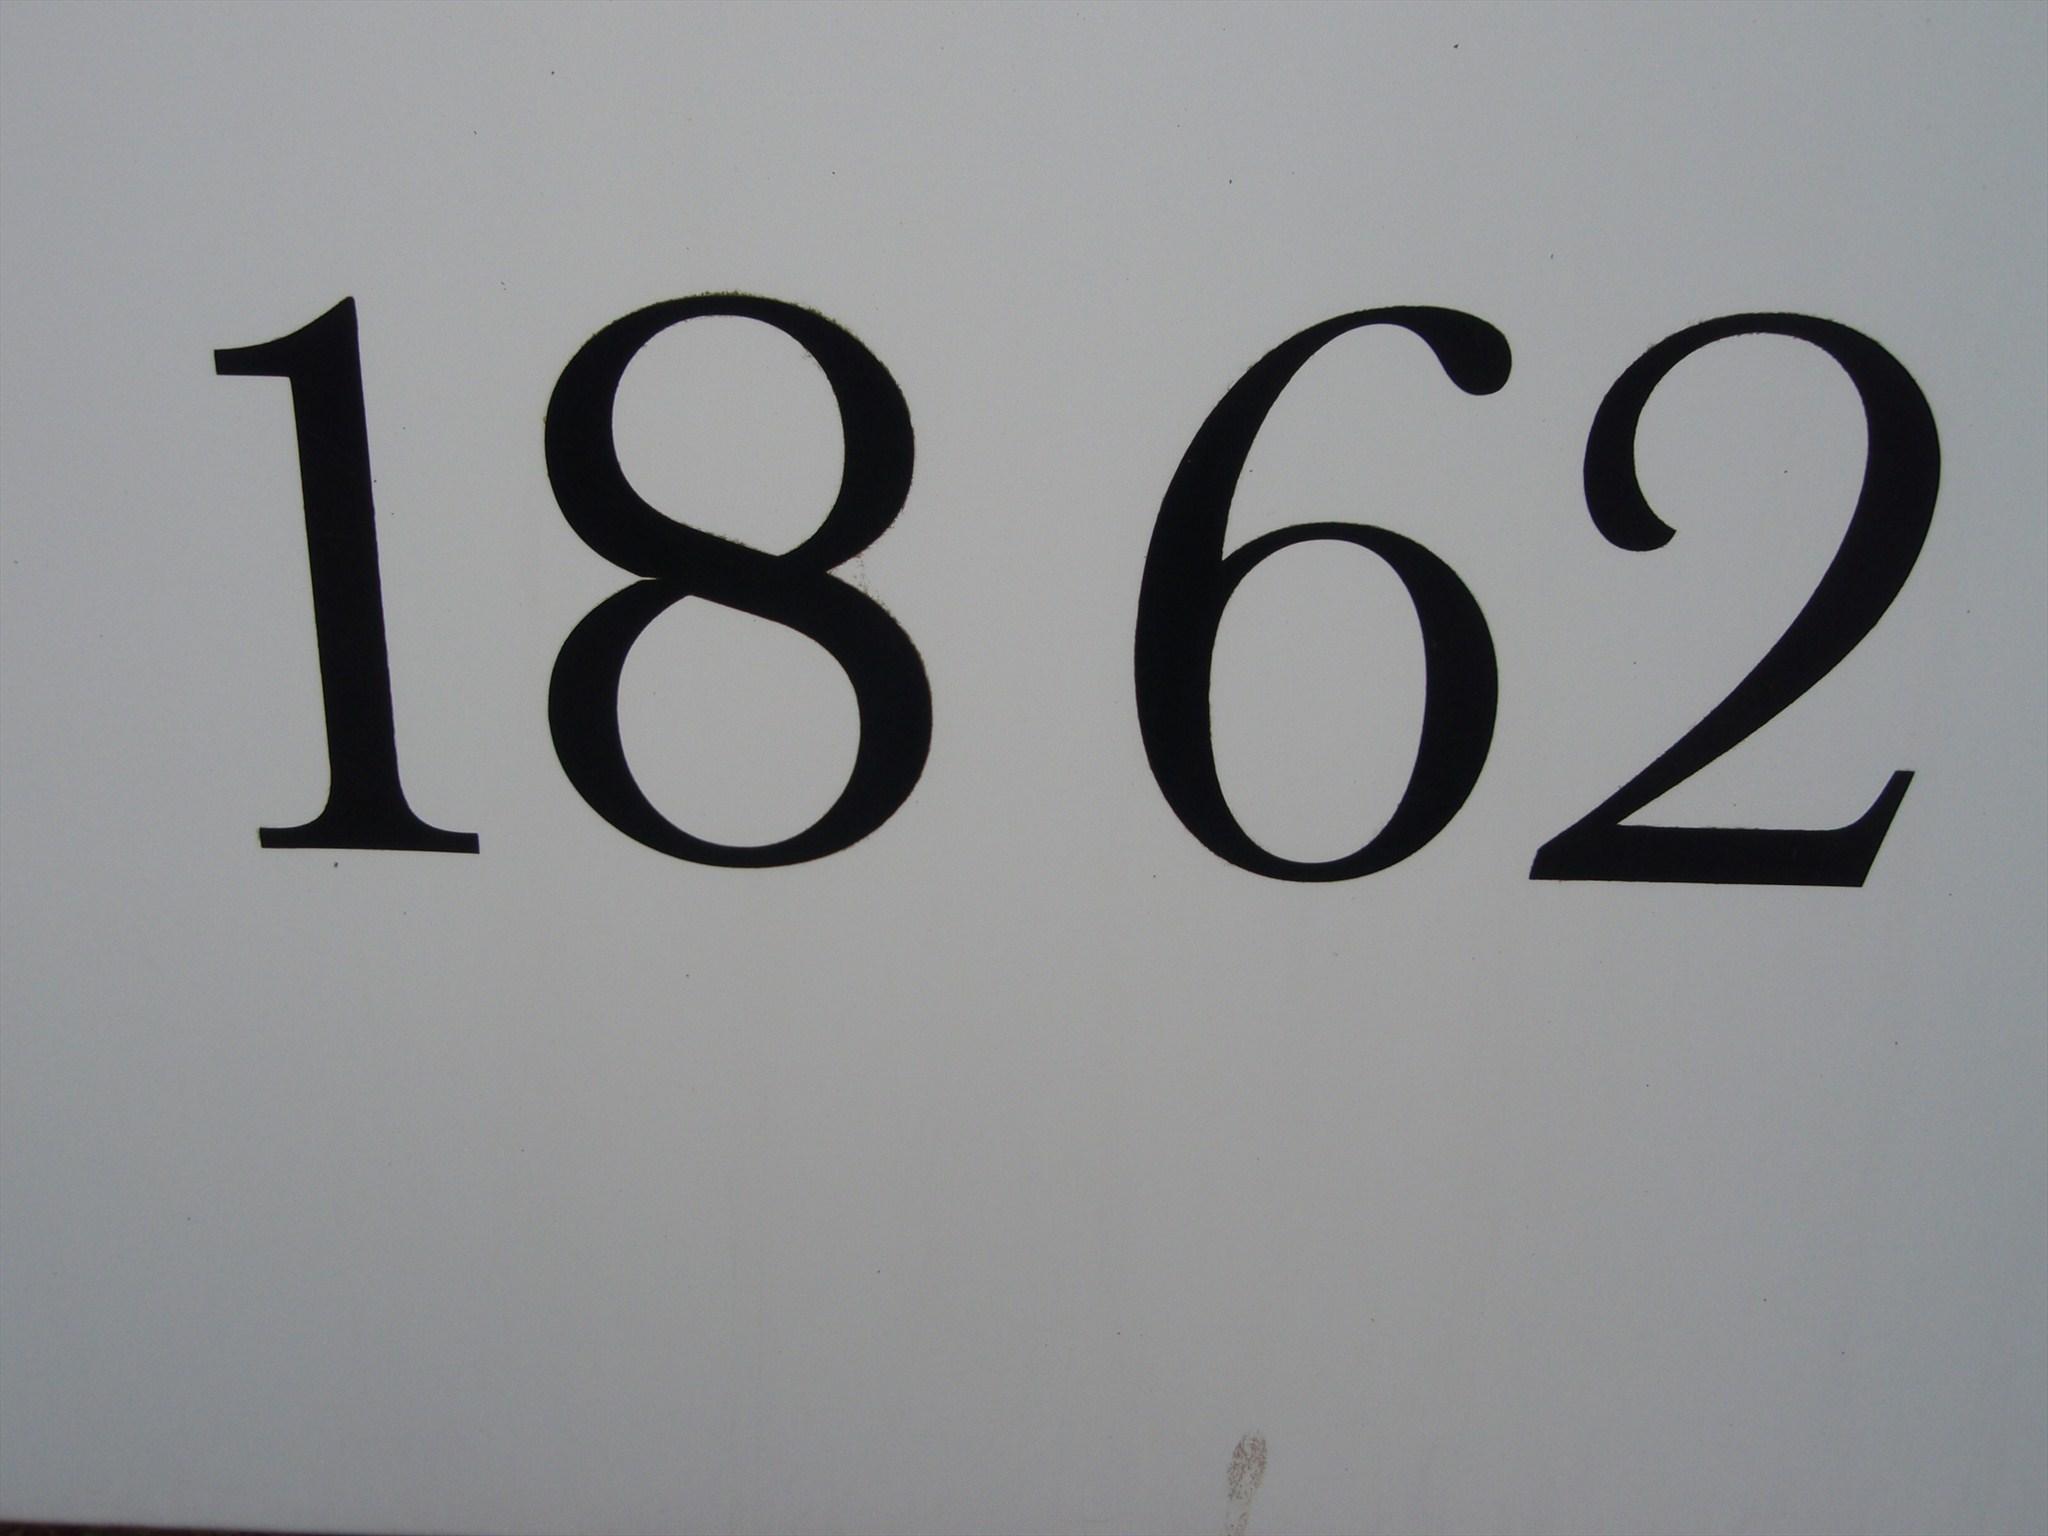 3d06b73b-db02-4229-82f7-5604f005b5a1.jpg